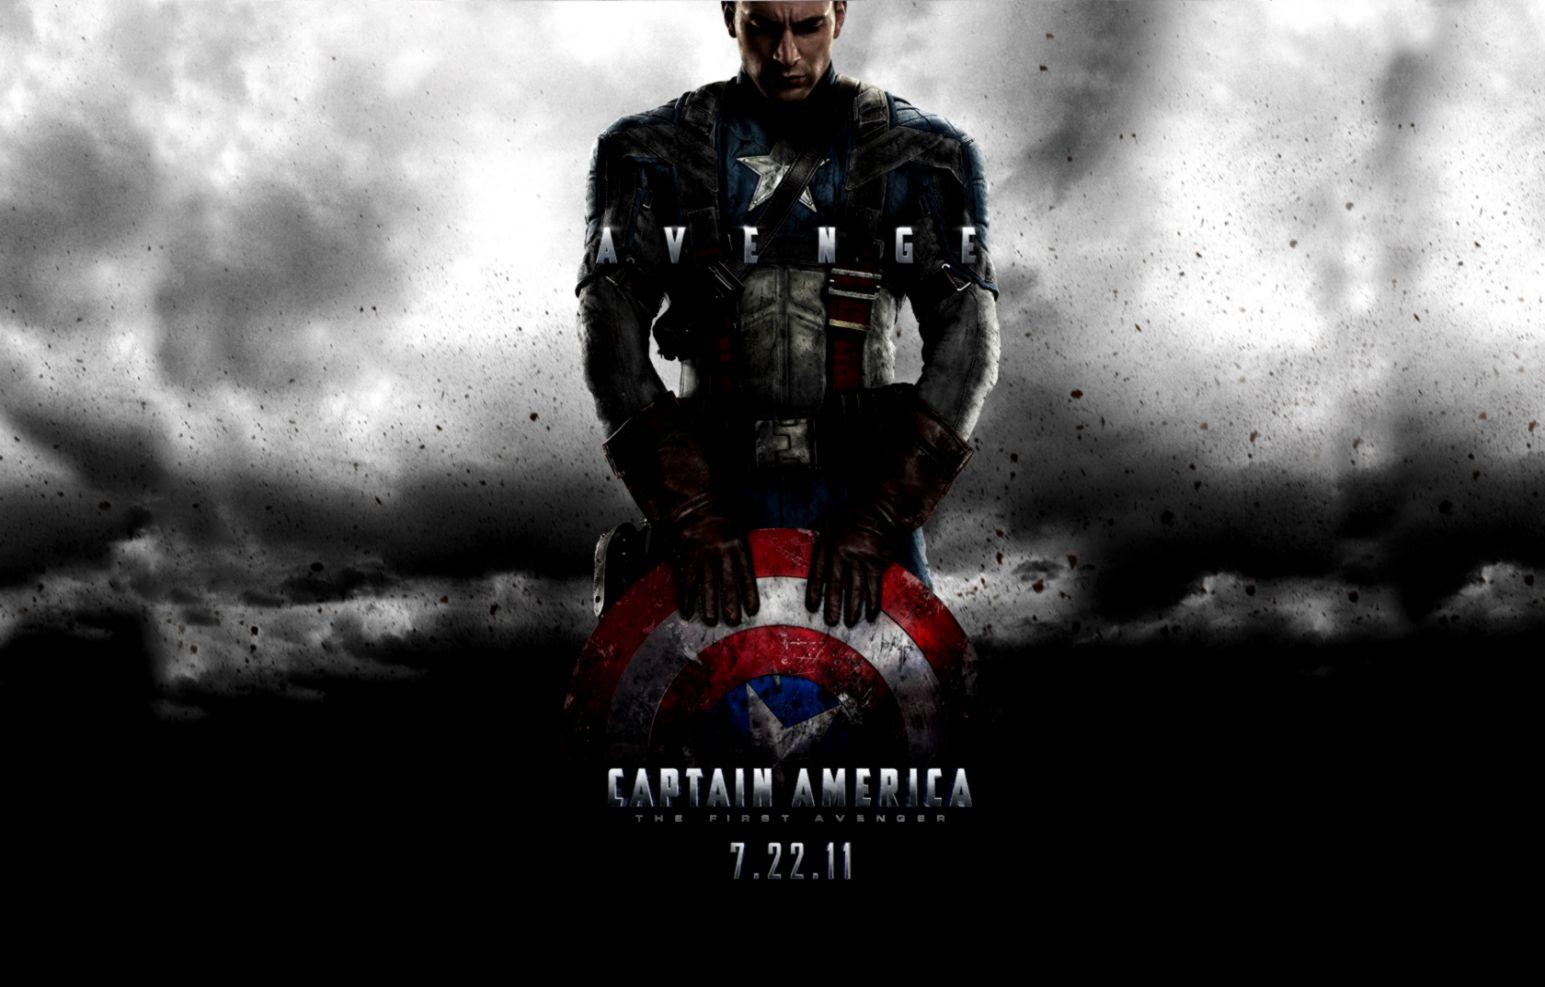 Captain America First Avenger wallpaper 2018 in Captain America